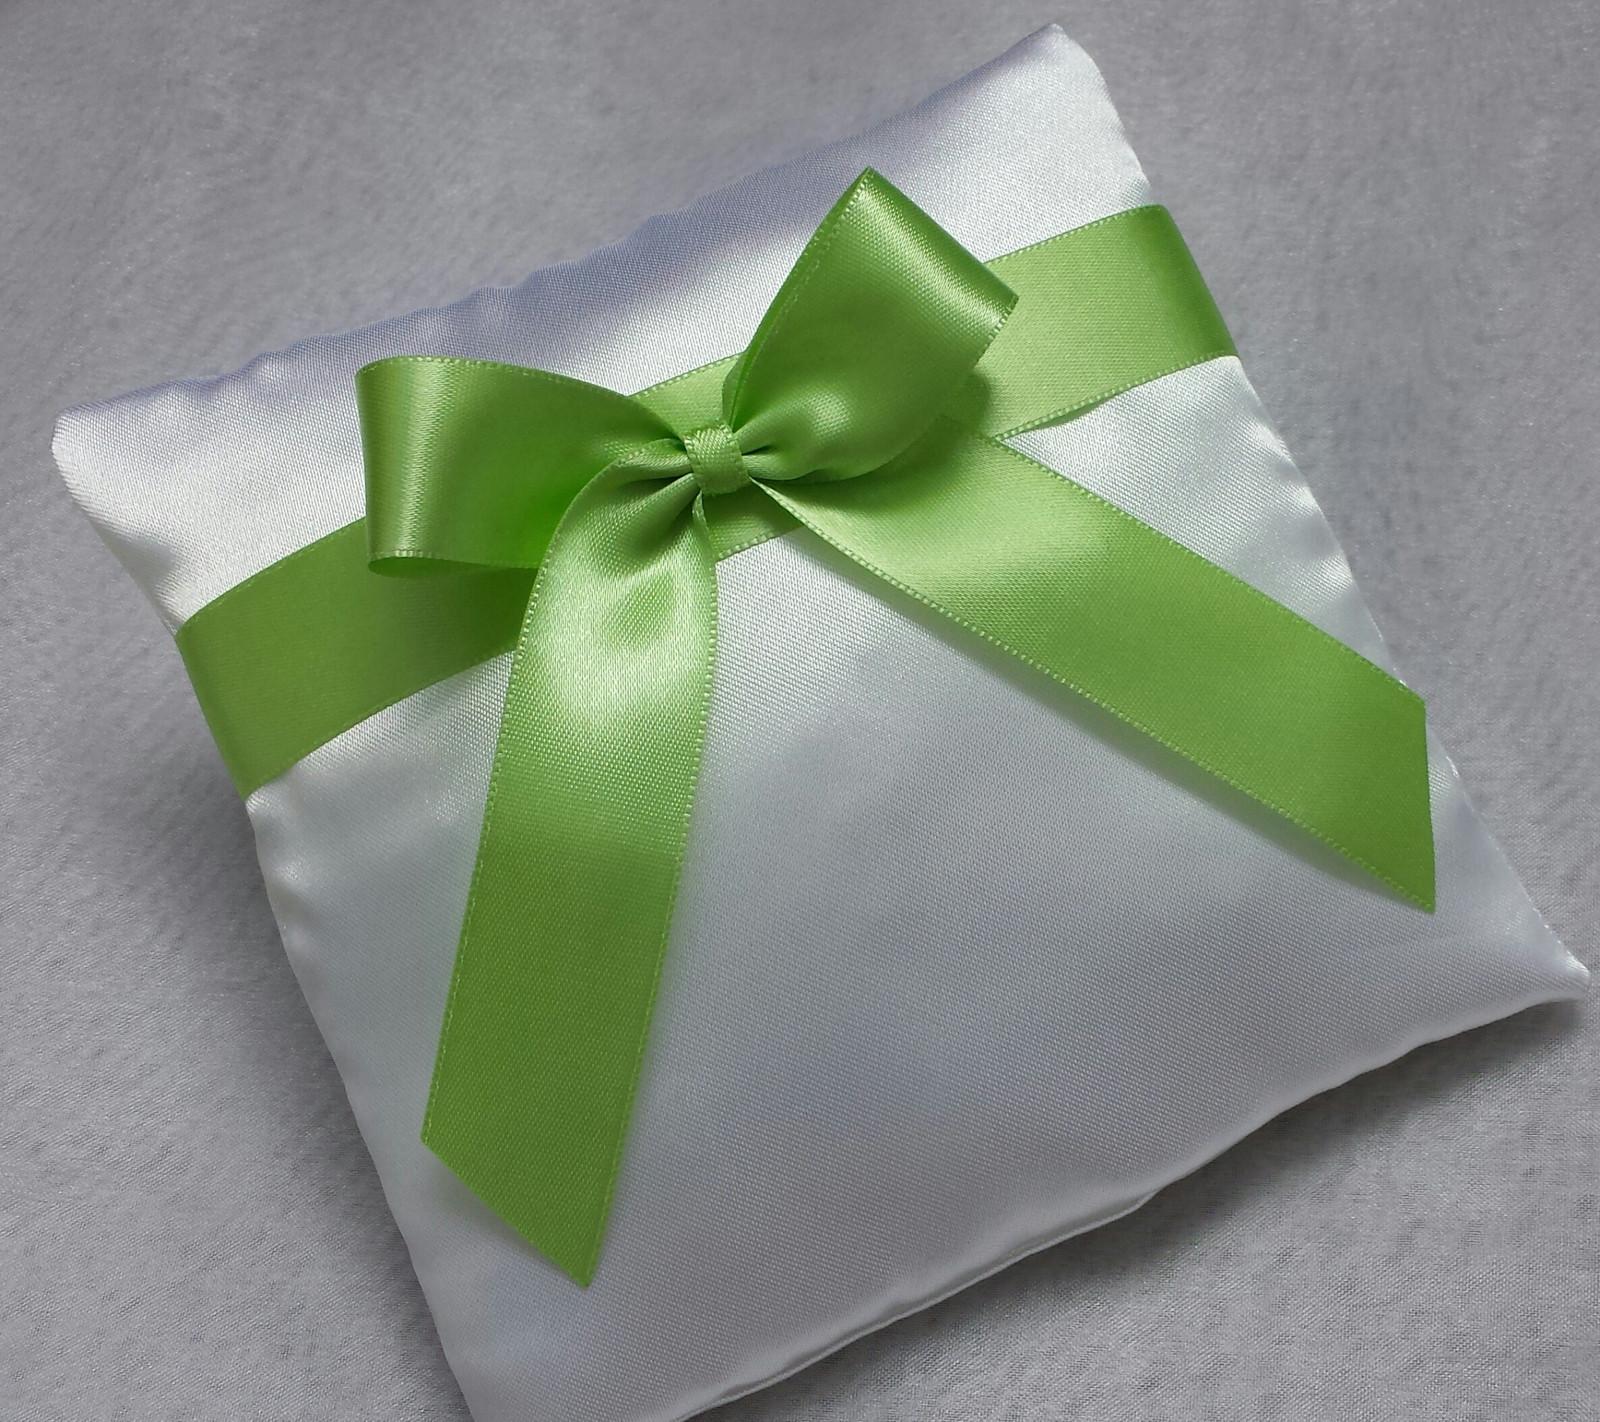 Bílý polštářek pod prstýnky se zelenkavou mašlí - Obrázek č. 1